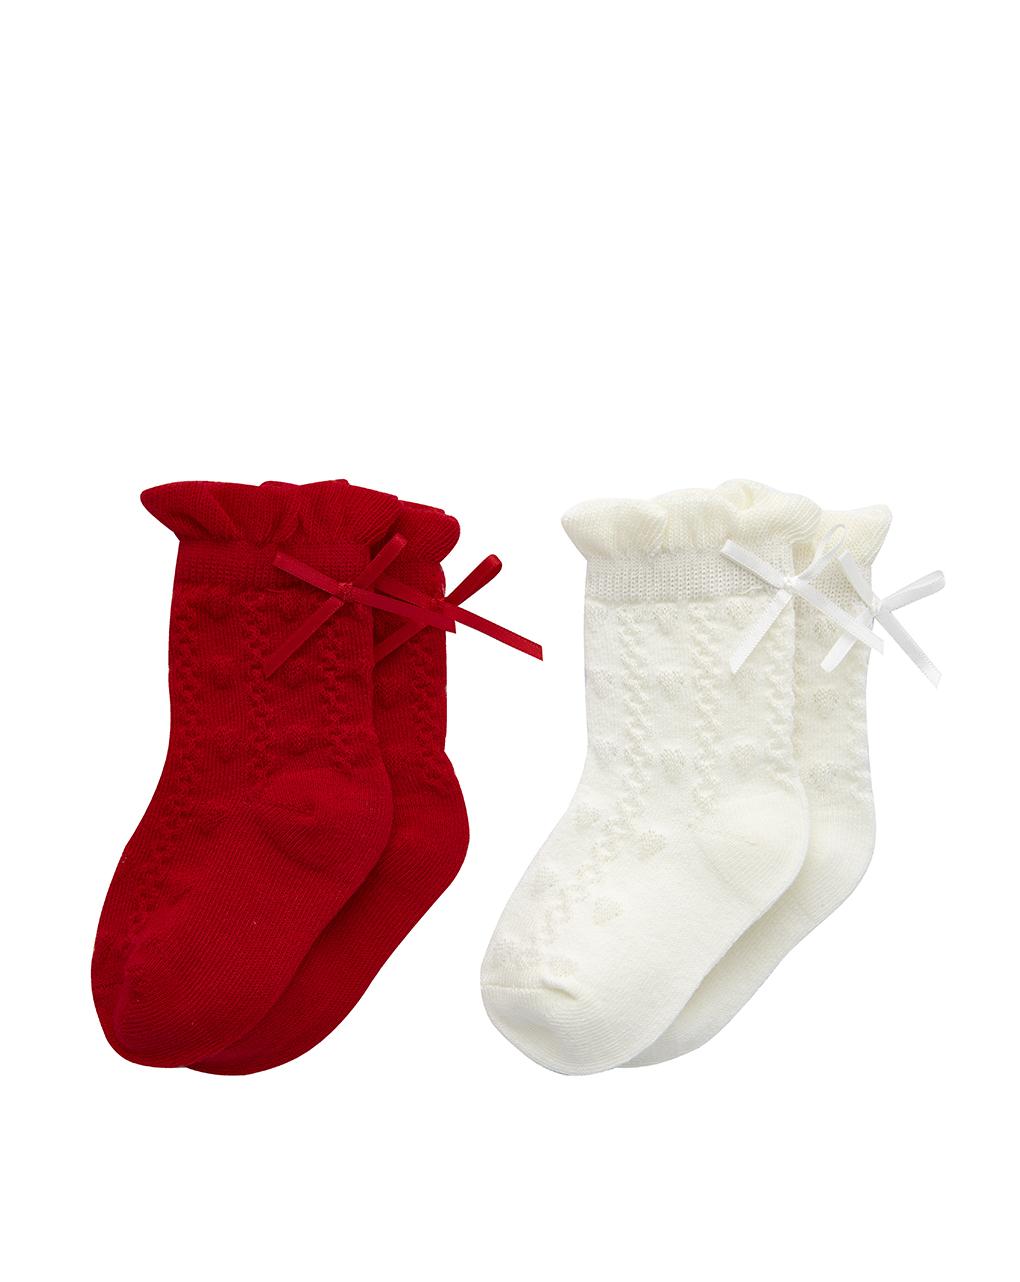 Κάλτσες Μέχρι το Γόνατο Άσπρο Κόκκινο Πακέτο x2 για Κορίτσι